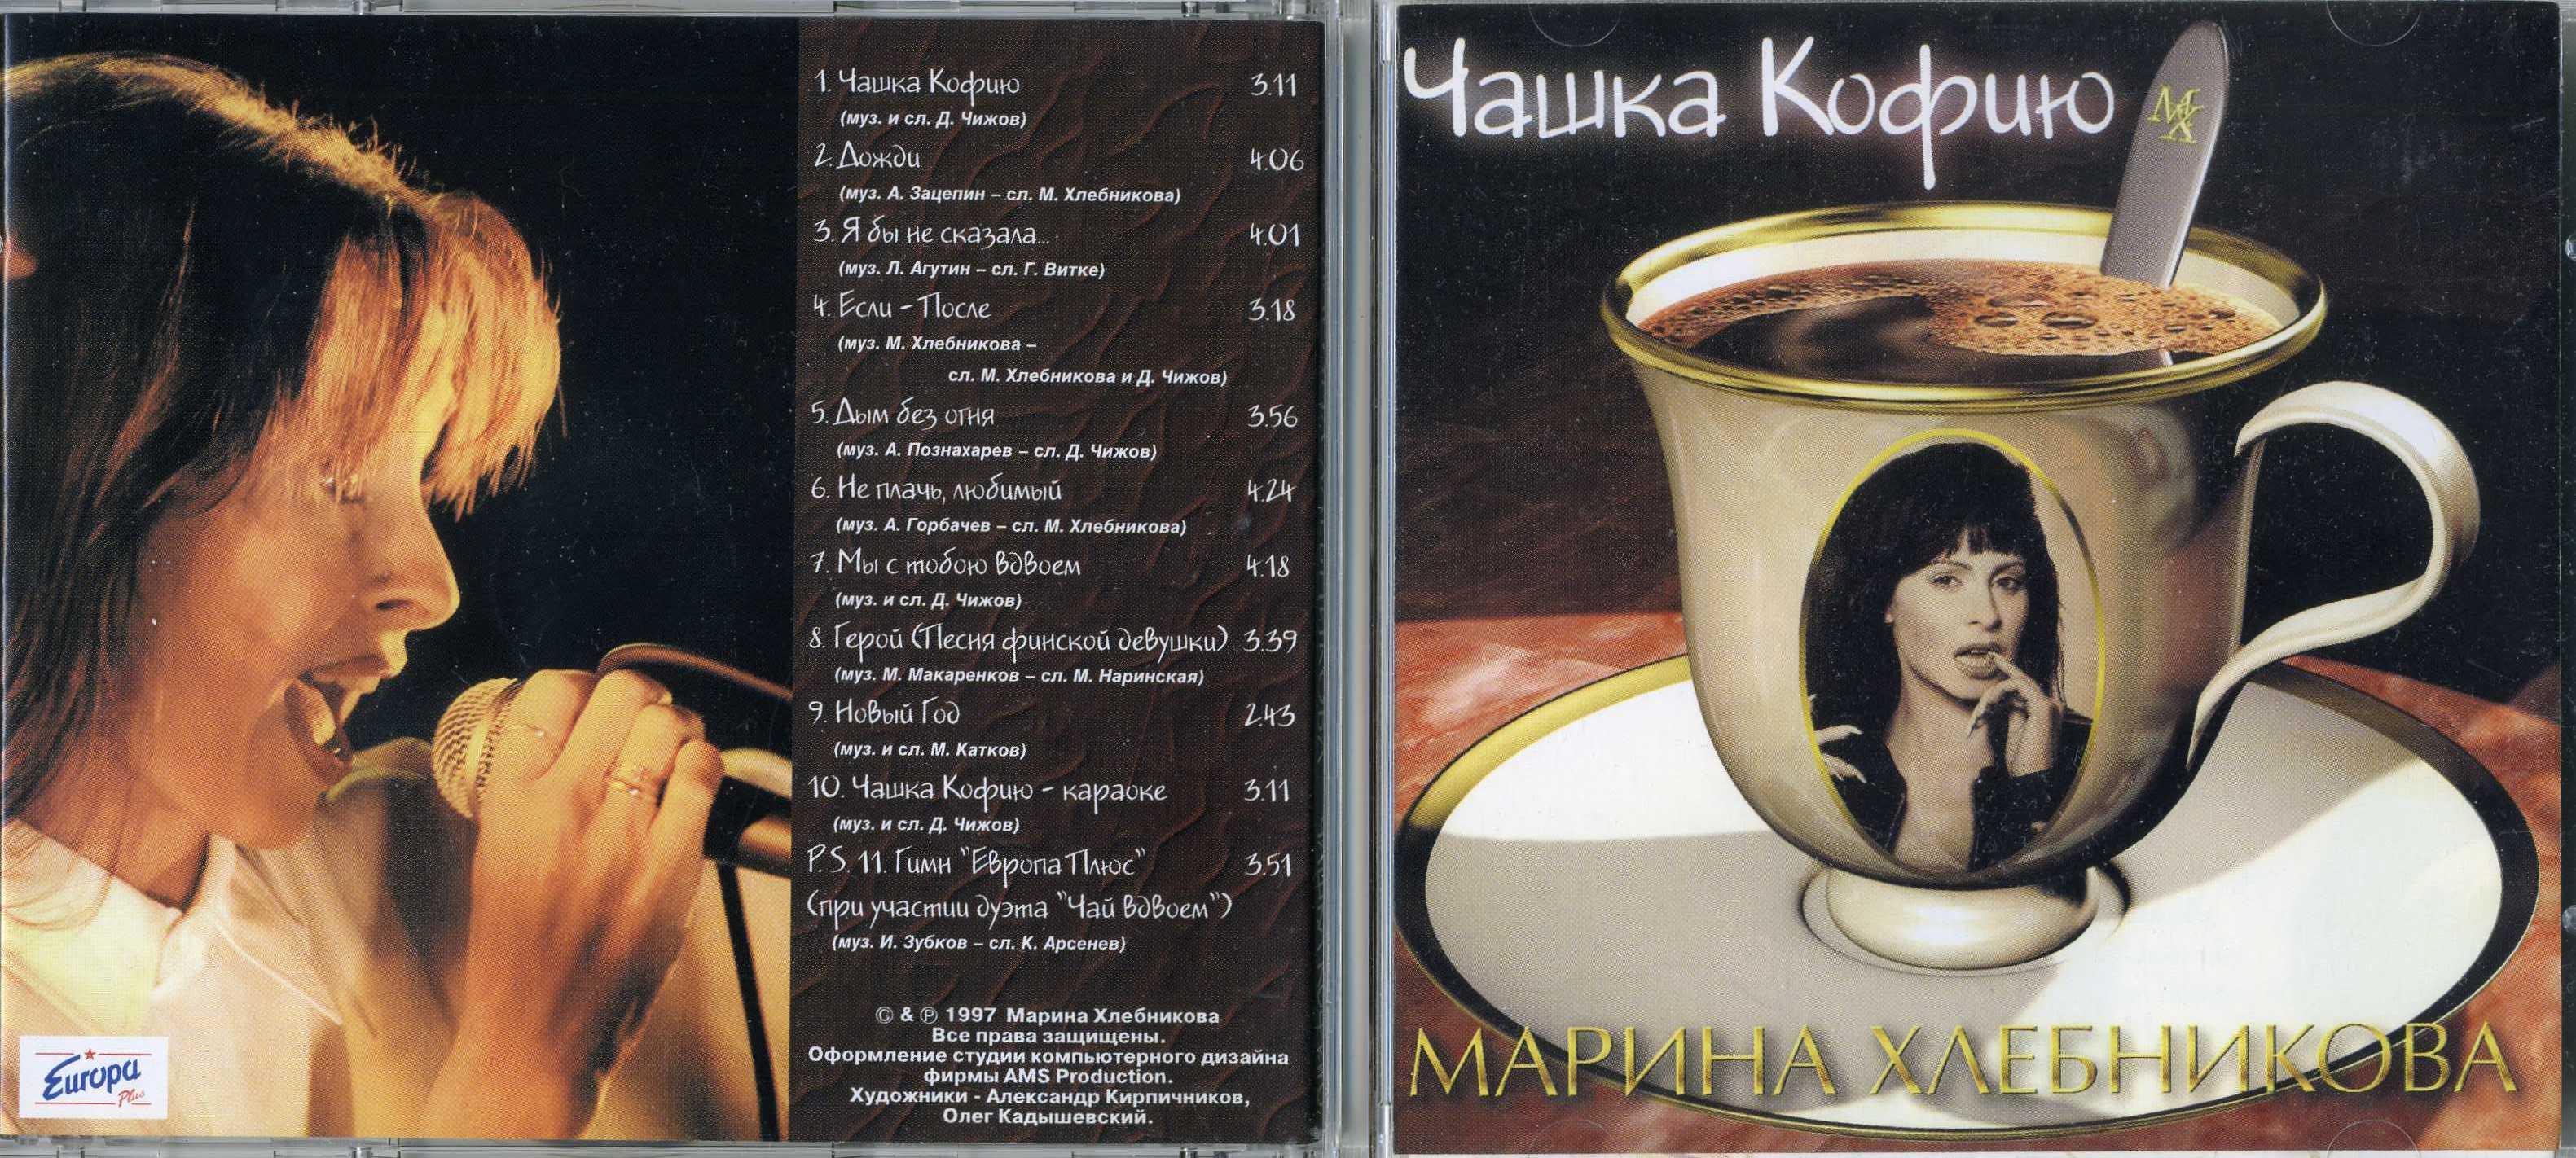 ПЕСНЯ ЧАШКА КОФЕЮ МАРИНА ХЛЕБНИКОВА СКАЧАТЬ БЕСПЛАТНО